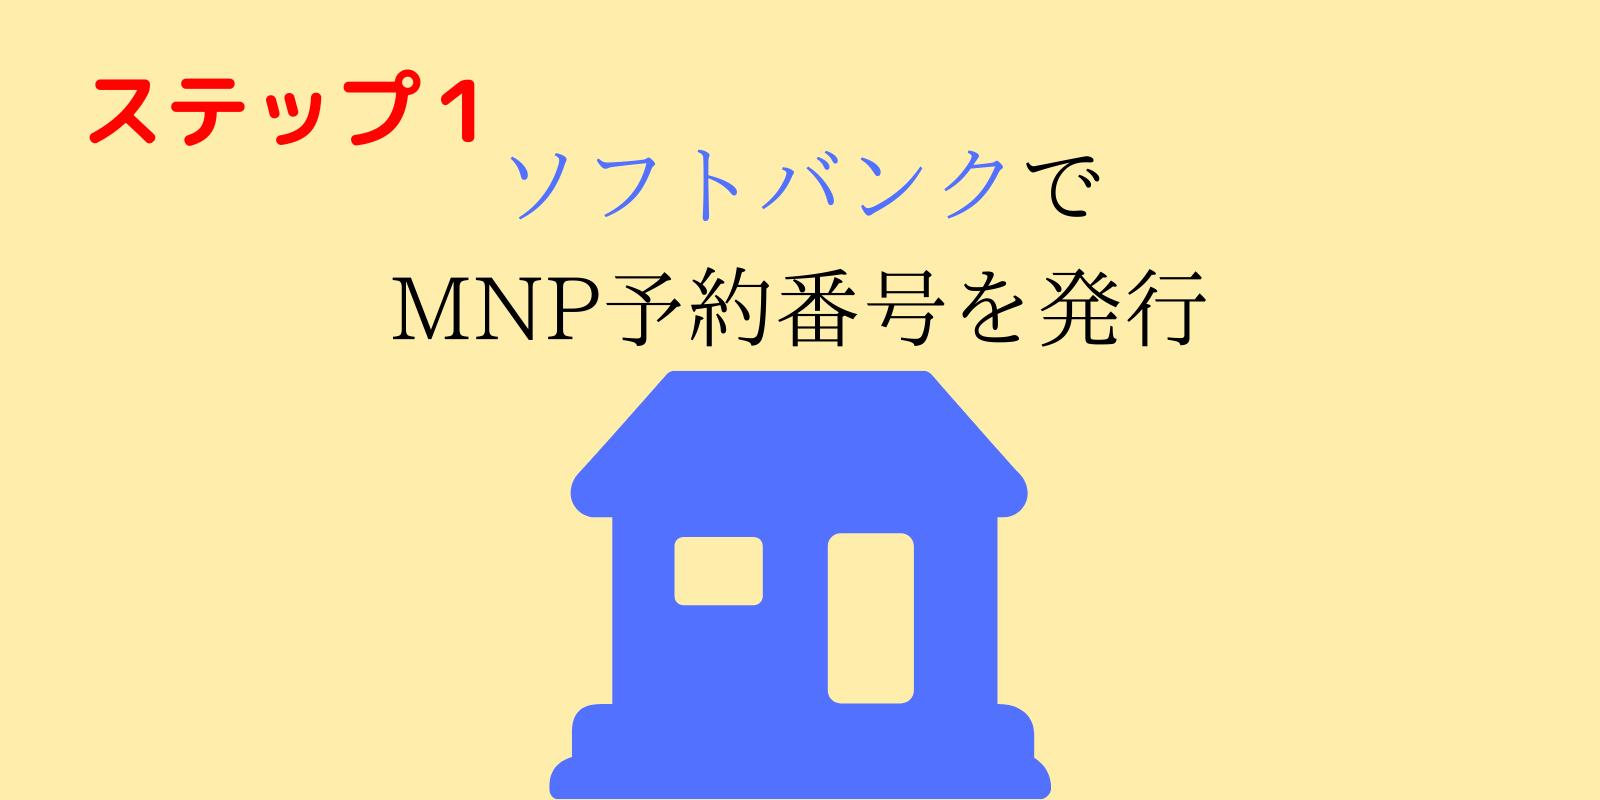 ソフトバンクでMNP予約番号を発行